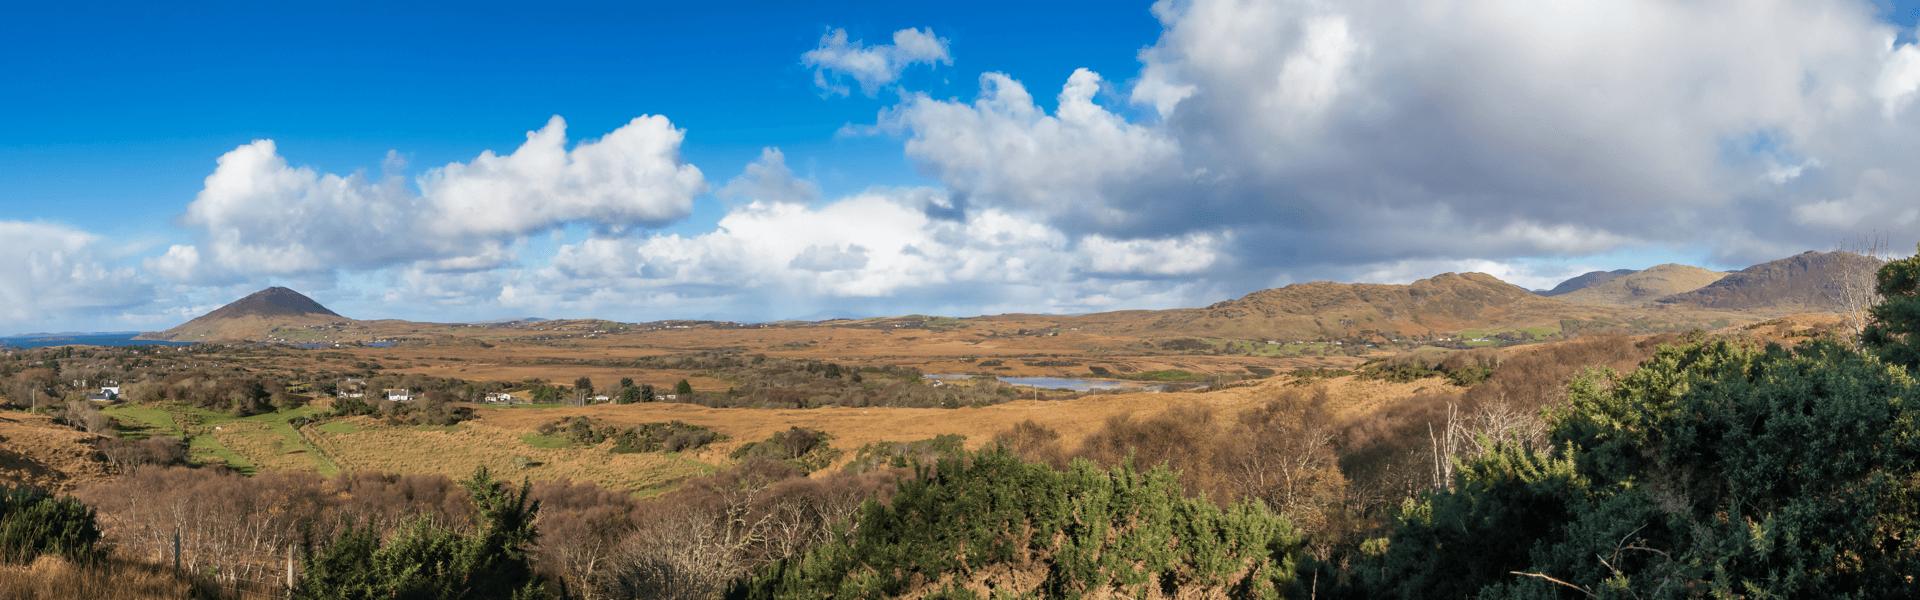 Ierland | Autorondreis langs de hoogtepunten van Ierland